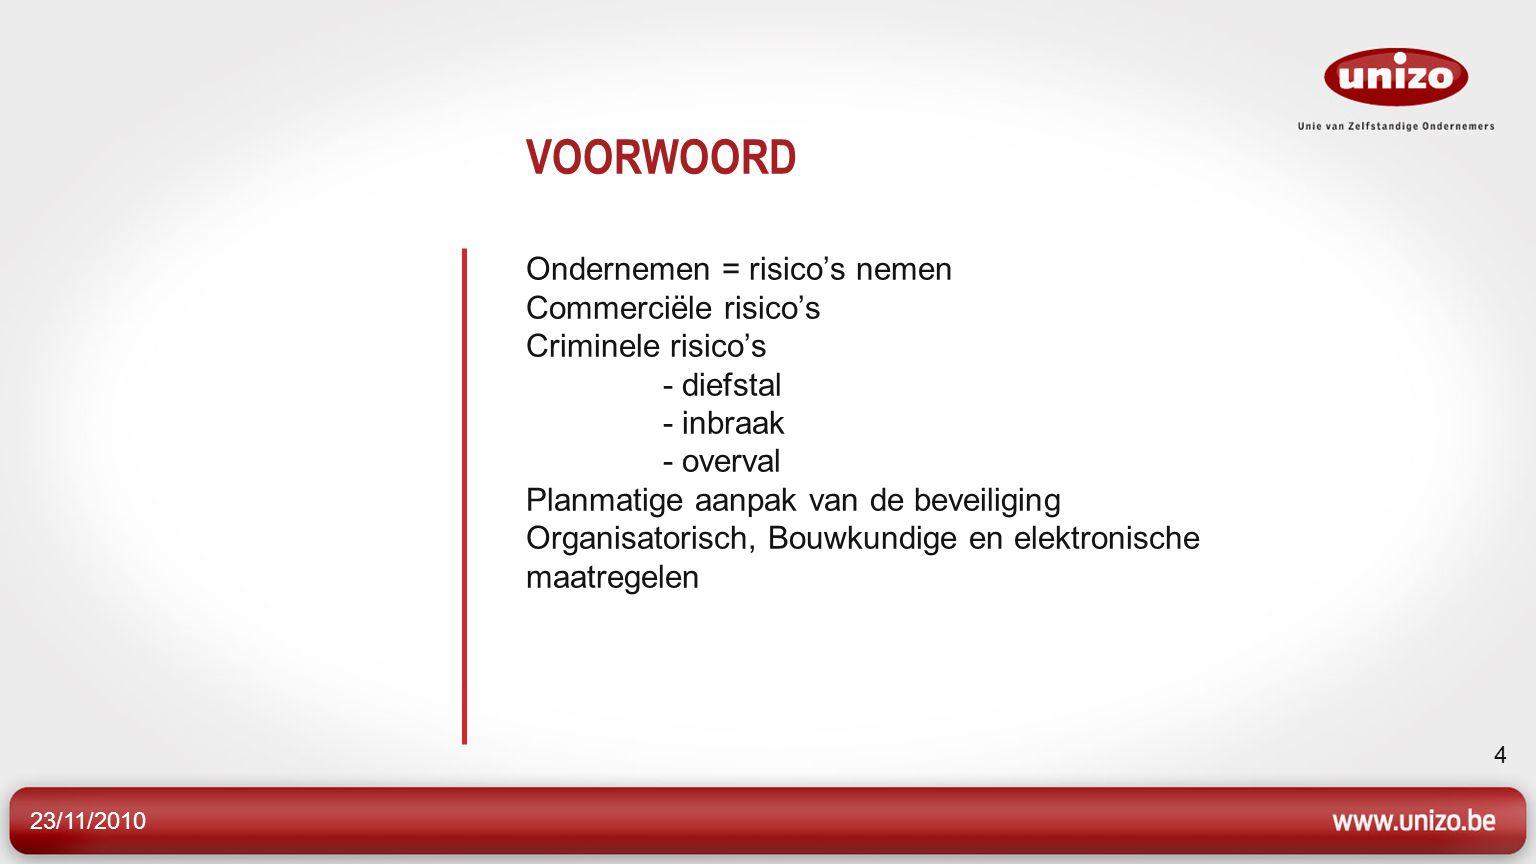 23/11/2010 4 VOORWOORD Ondernemen = risico's nemen Commerciële risico's Criminele risico's - diefstal - inbraak - overval Planmatige aanpak van de bev